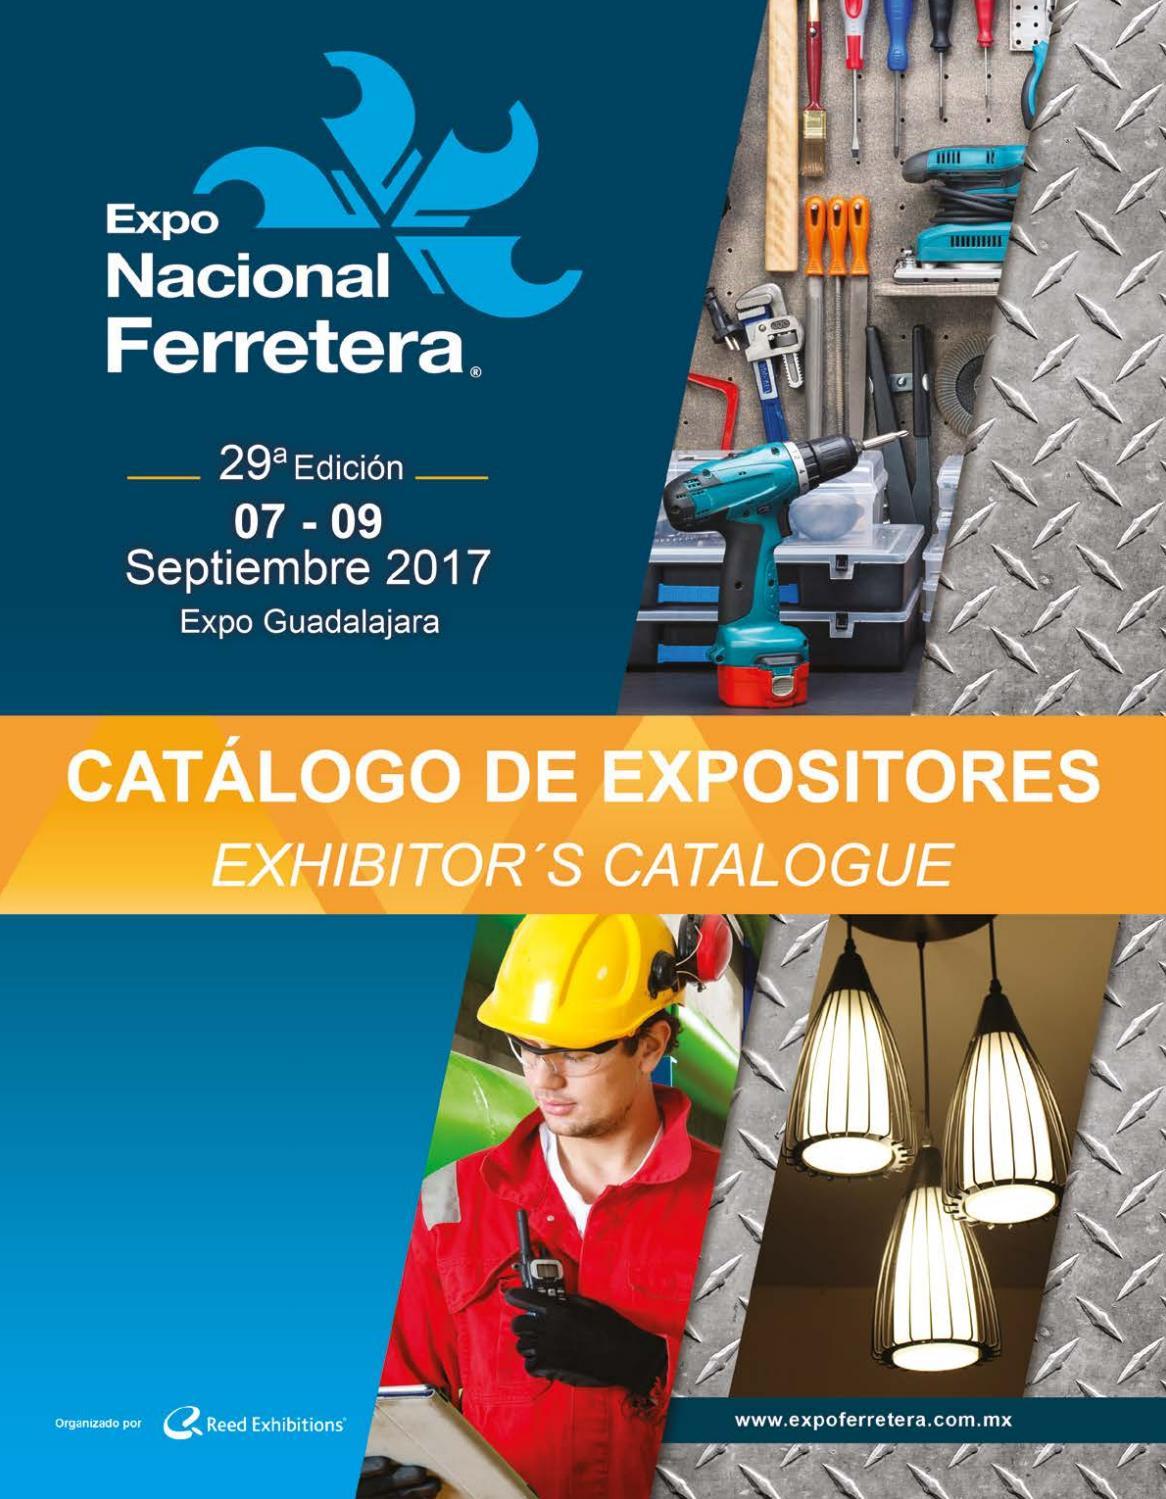 Catálogo De Expositores Expo Nacional Ferretera 2017 By Reed